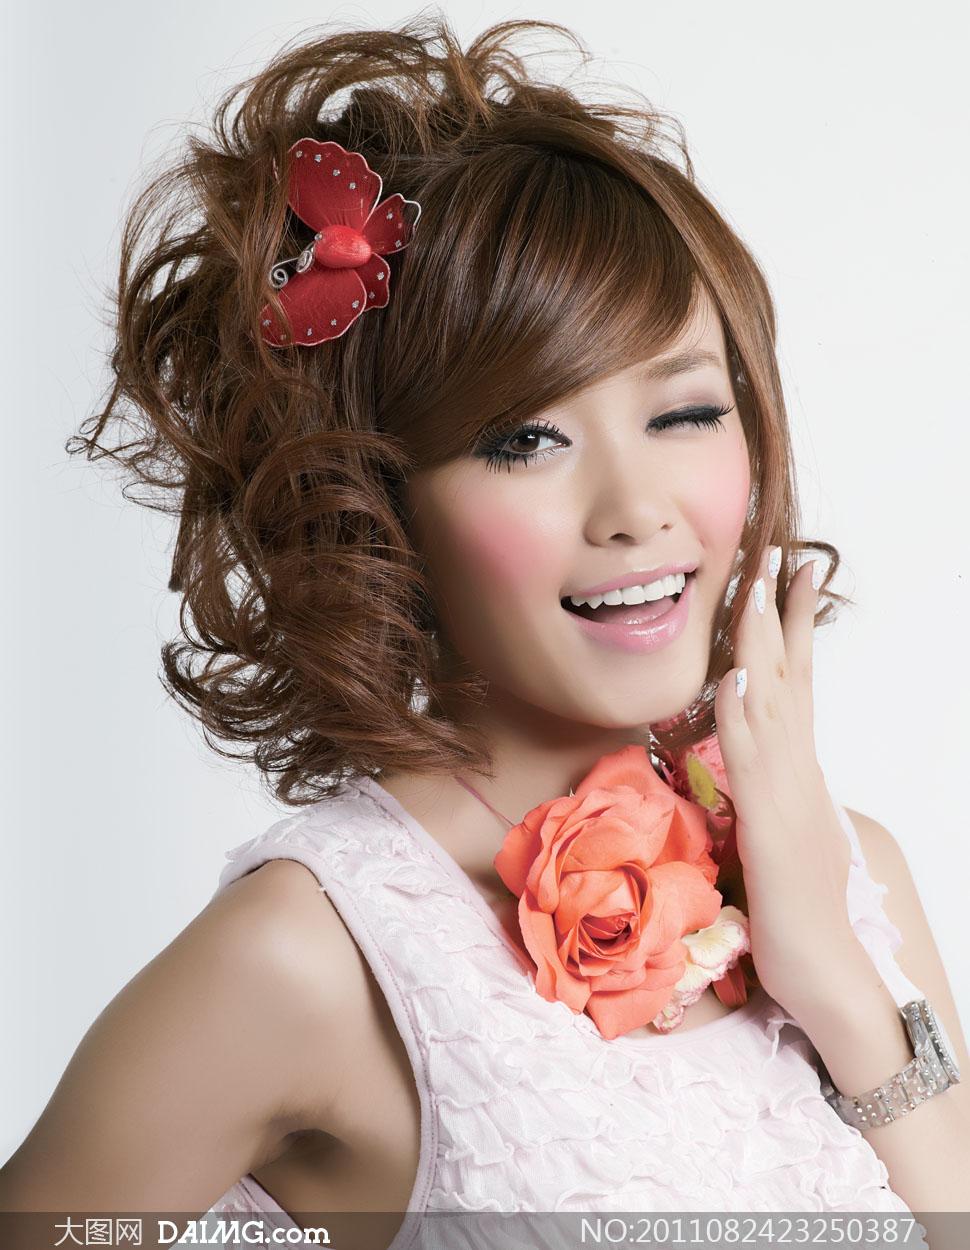 发型美发美女人物高清摄影图片